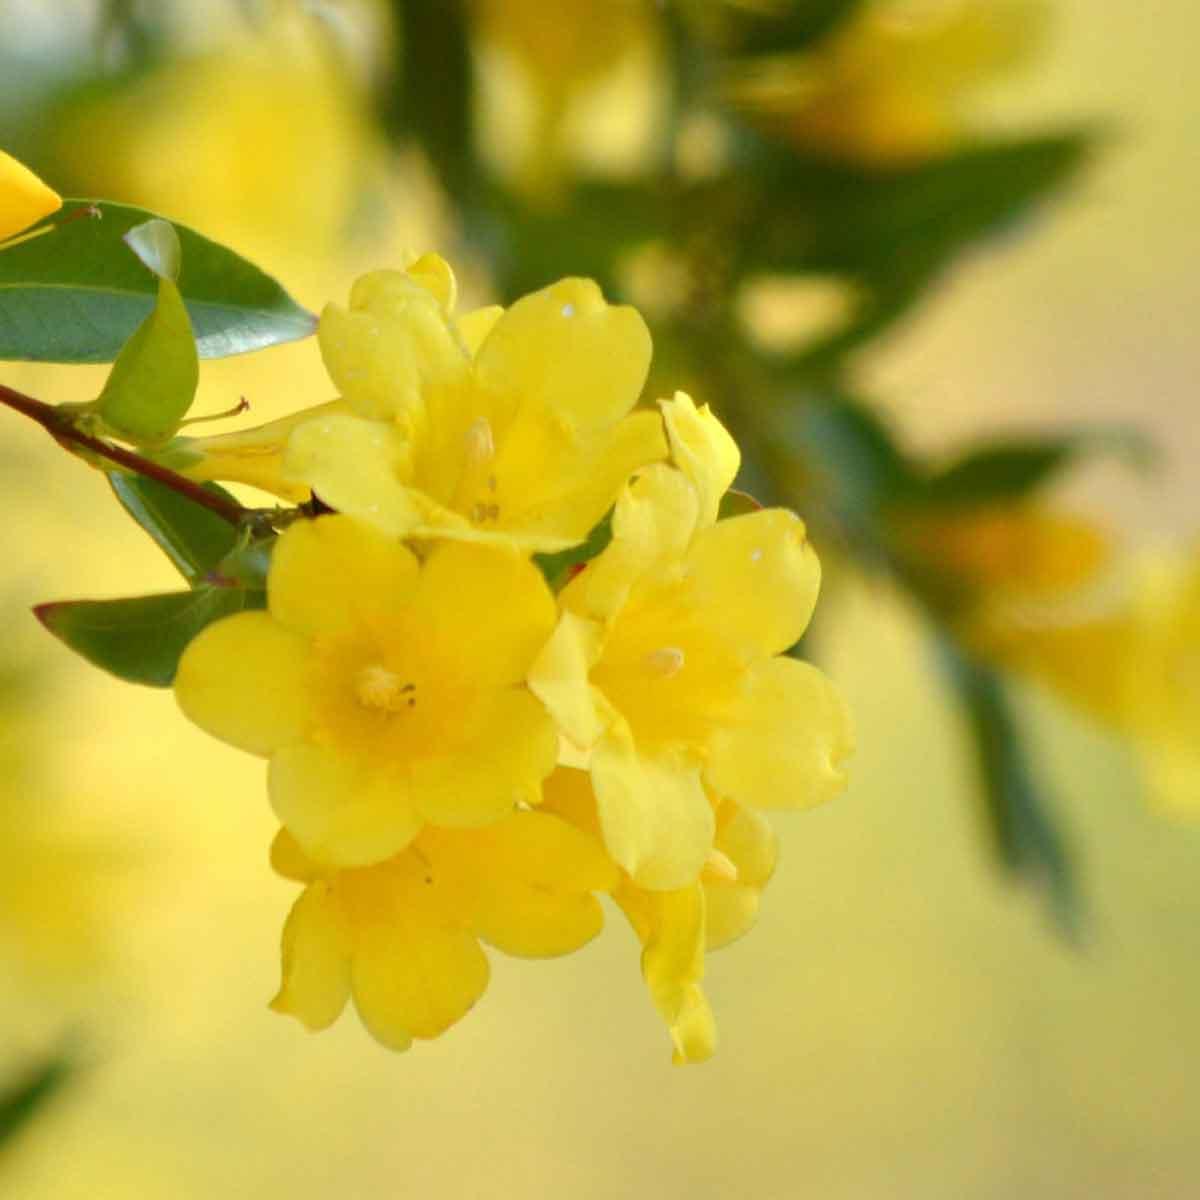 Gelsomino giallo (Gelsemium sempervirens)